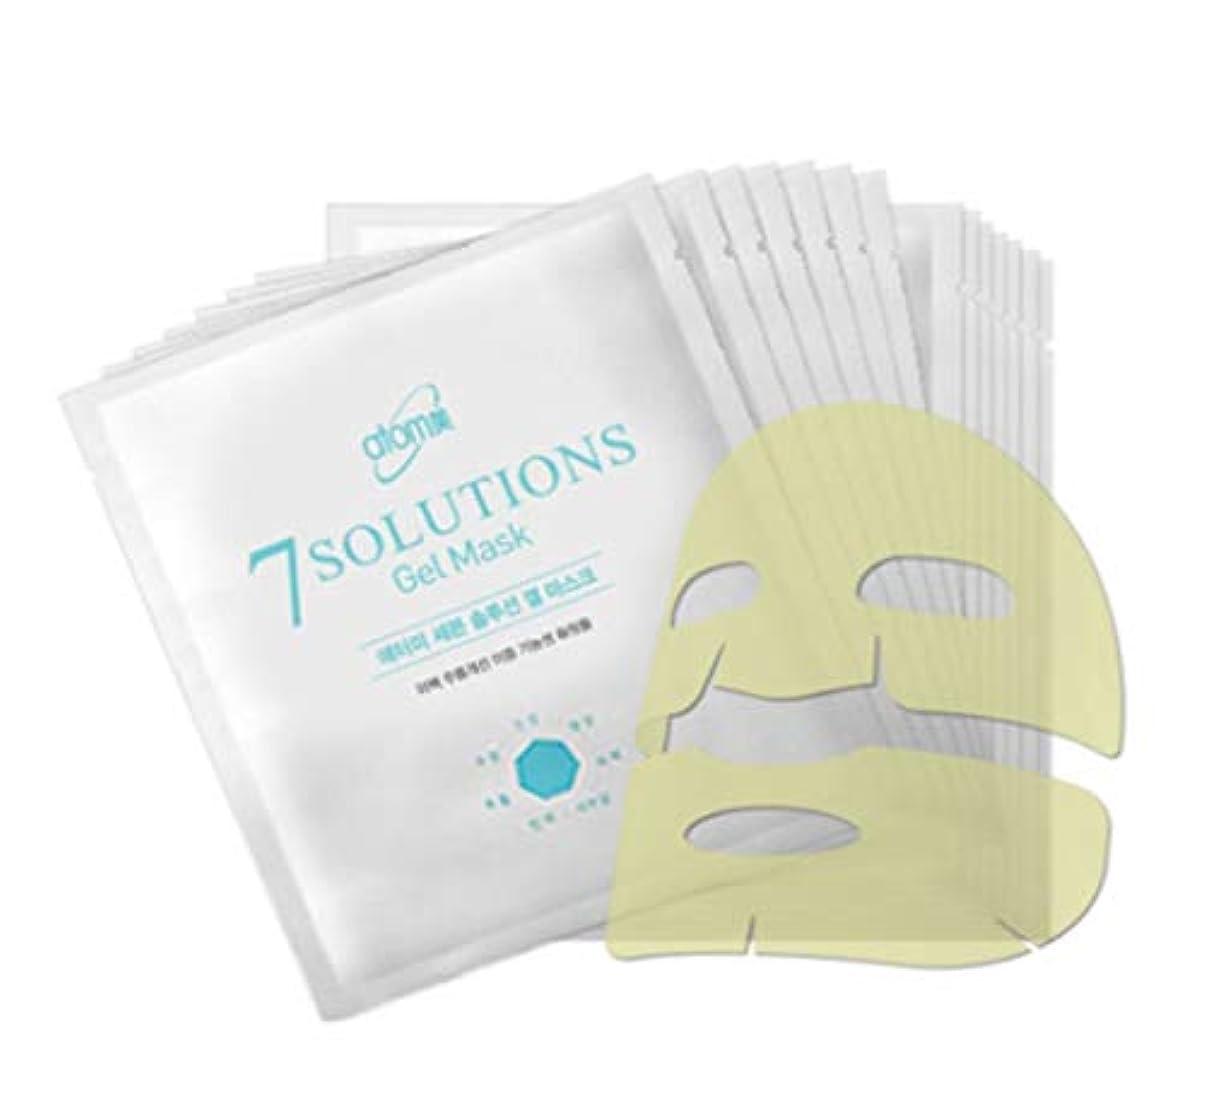 請求可能枠裂け目Atomy アトミ 7 solution Gel Mask 25g X 14ea美白シワ改善二重機能性化粧品(並行輸入品)